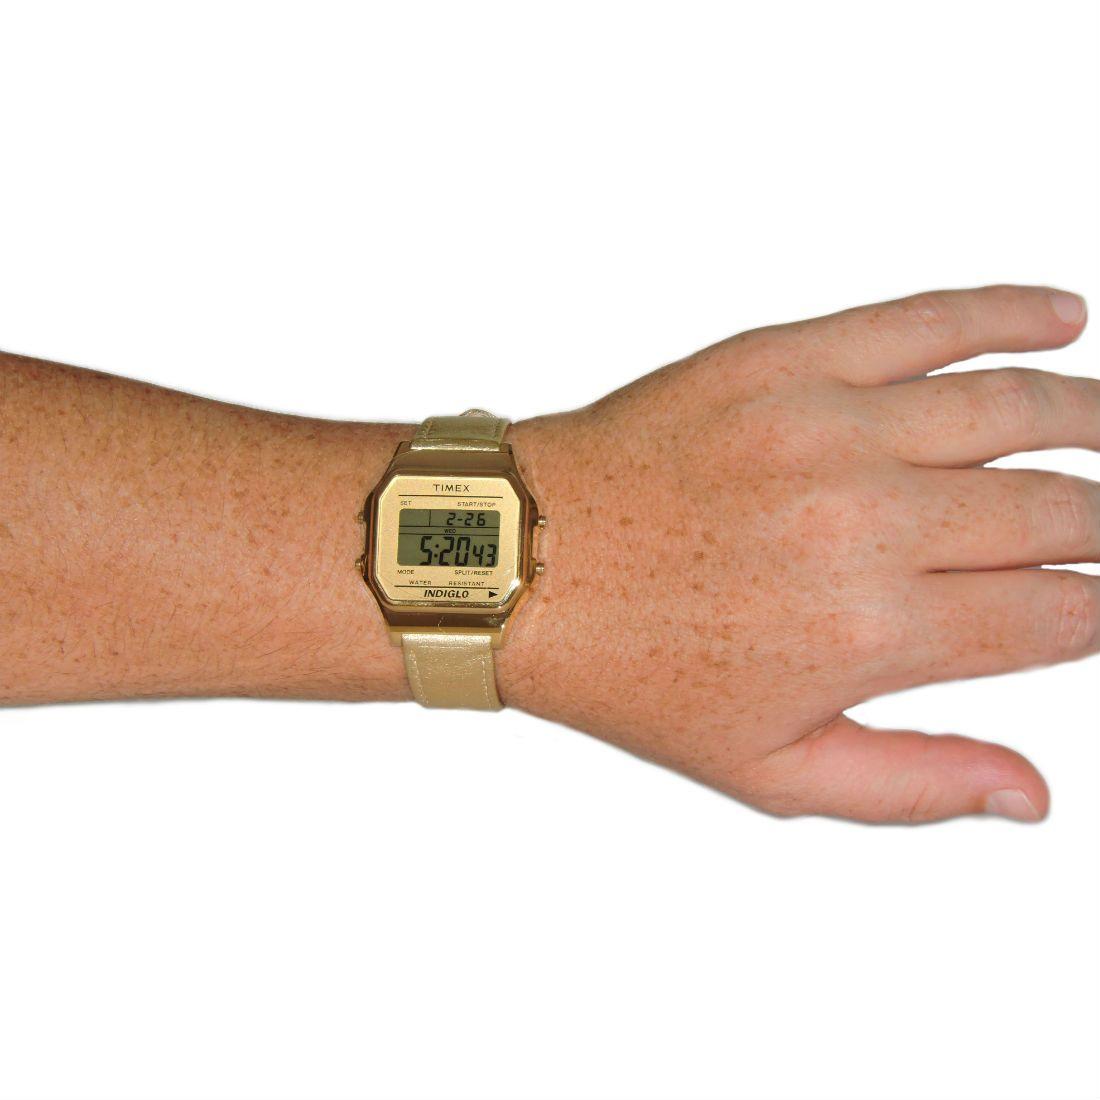 09f9eb742f033 Relógio timex heritage feminino - lazulie   Coisas para usar